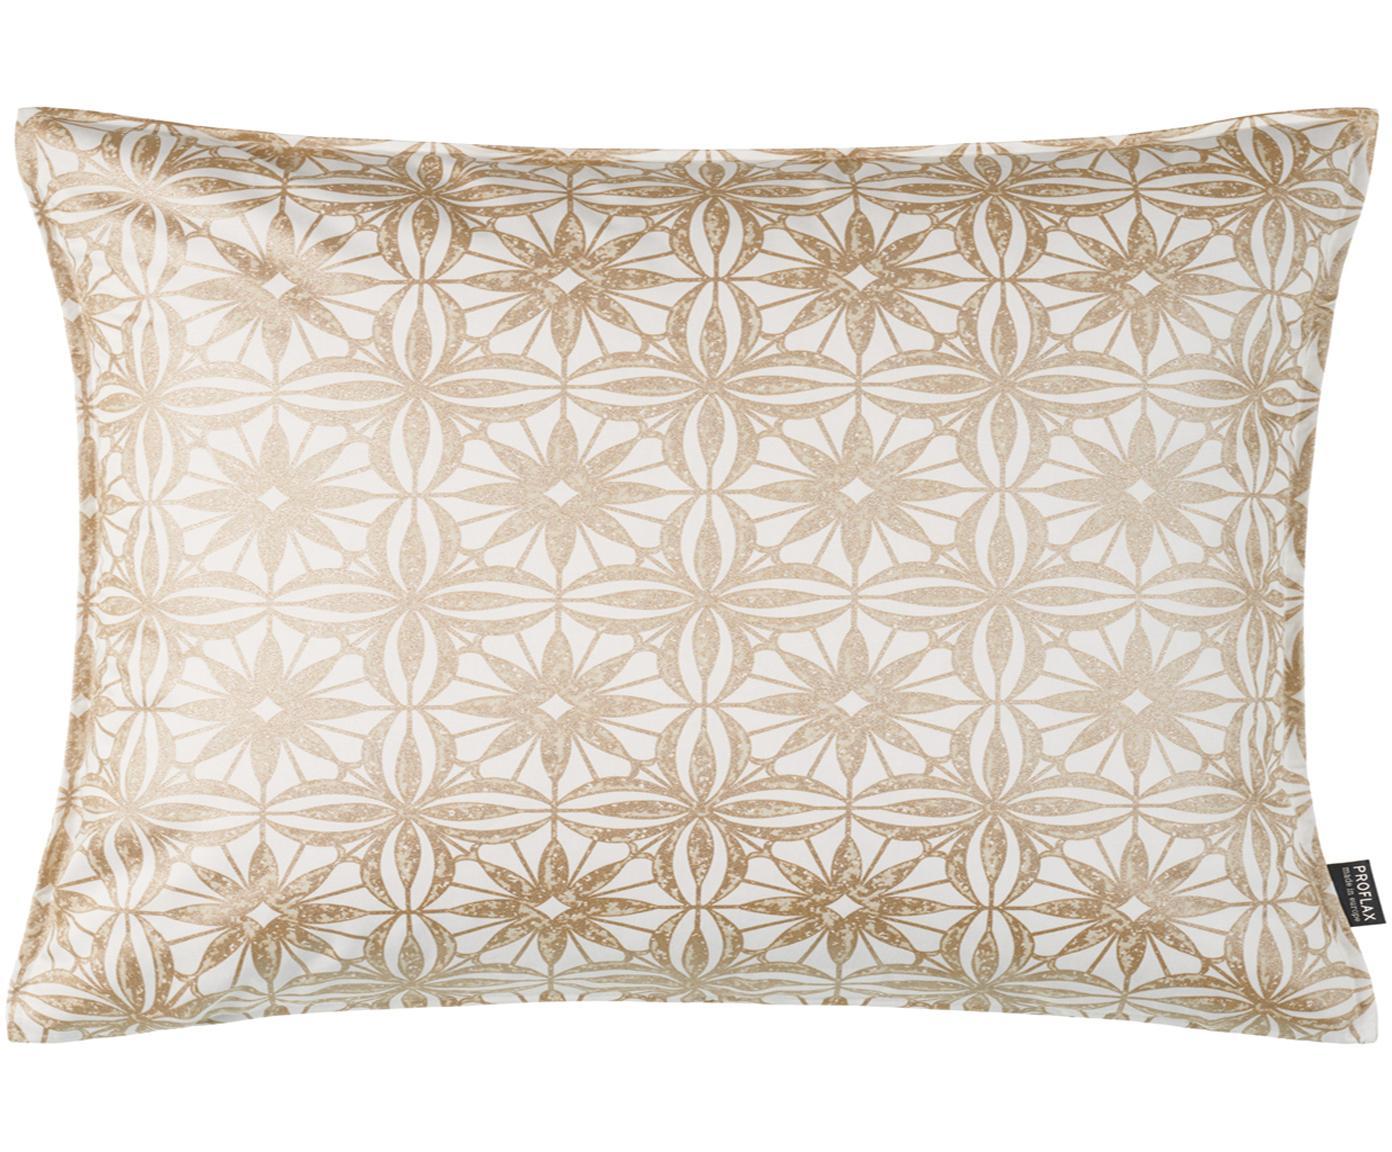 Poszewka na poduszkę Alexis, Bawełna, Biały, beżowy, odcienie złotego, S 30 x D 50 cm